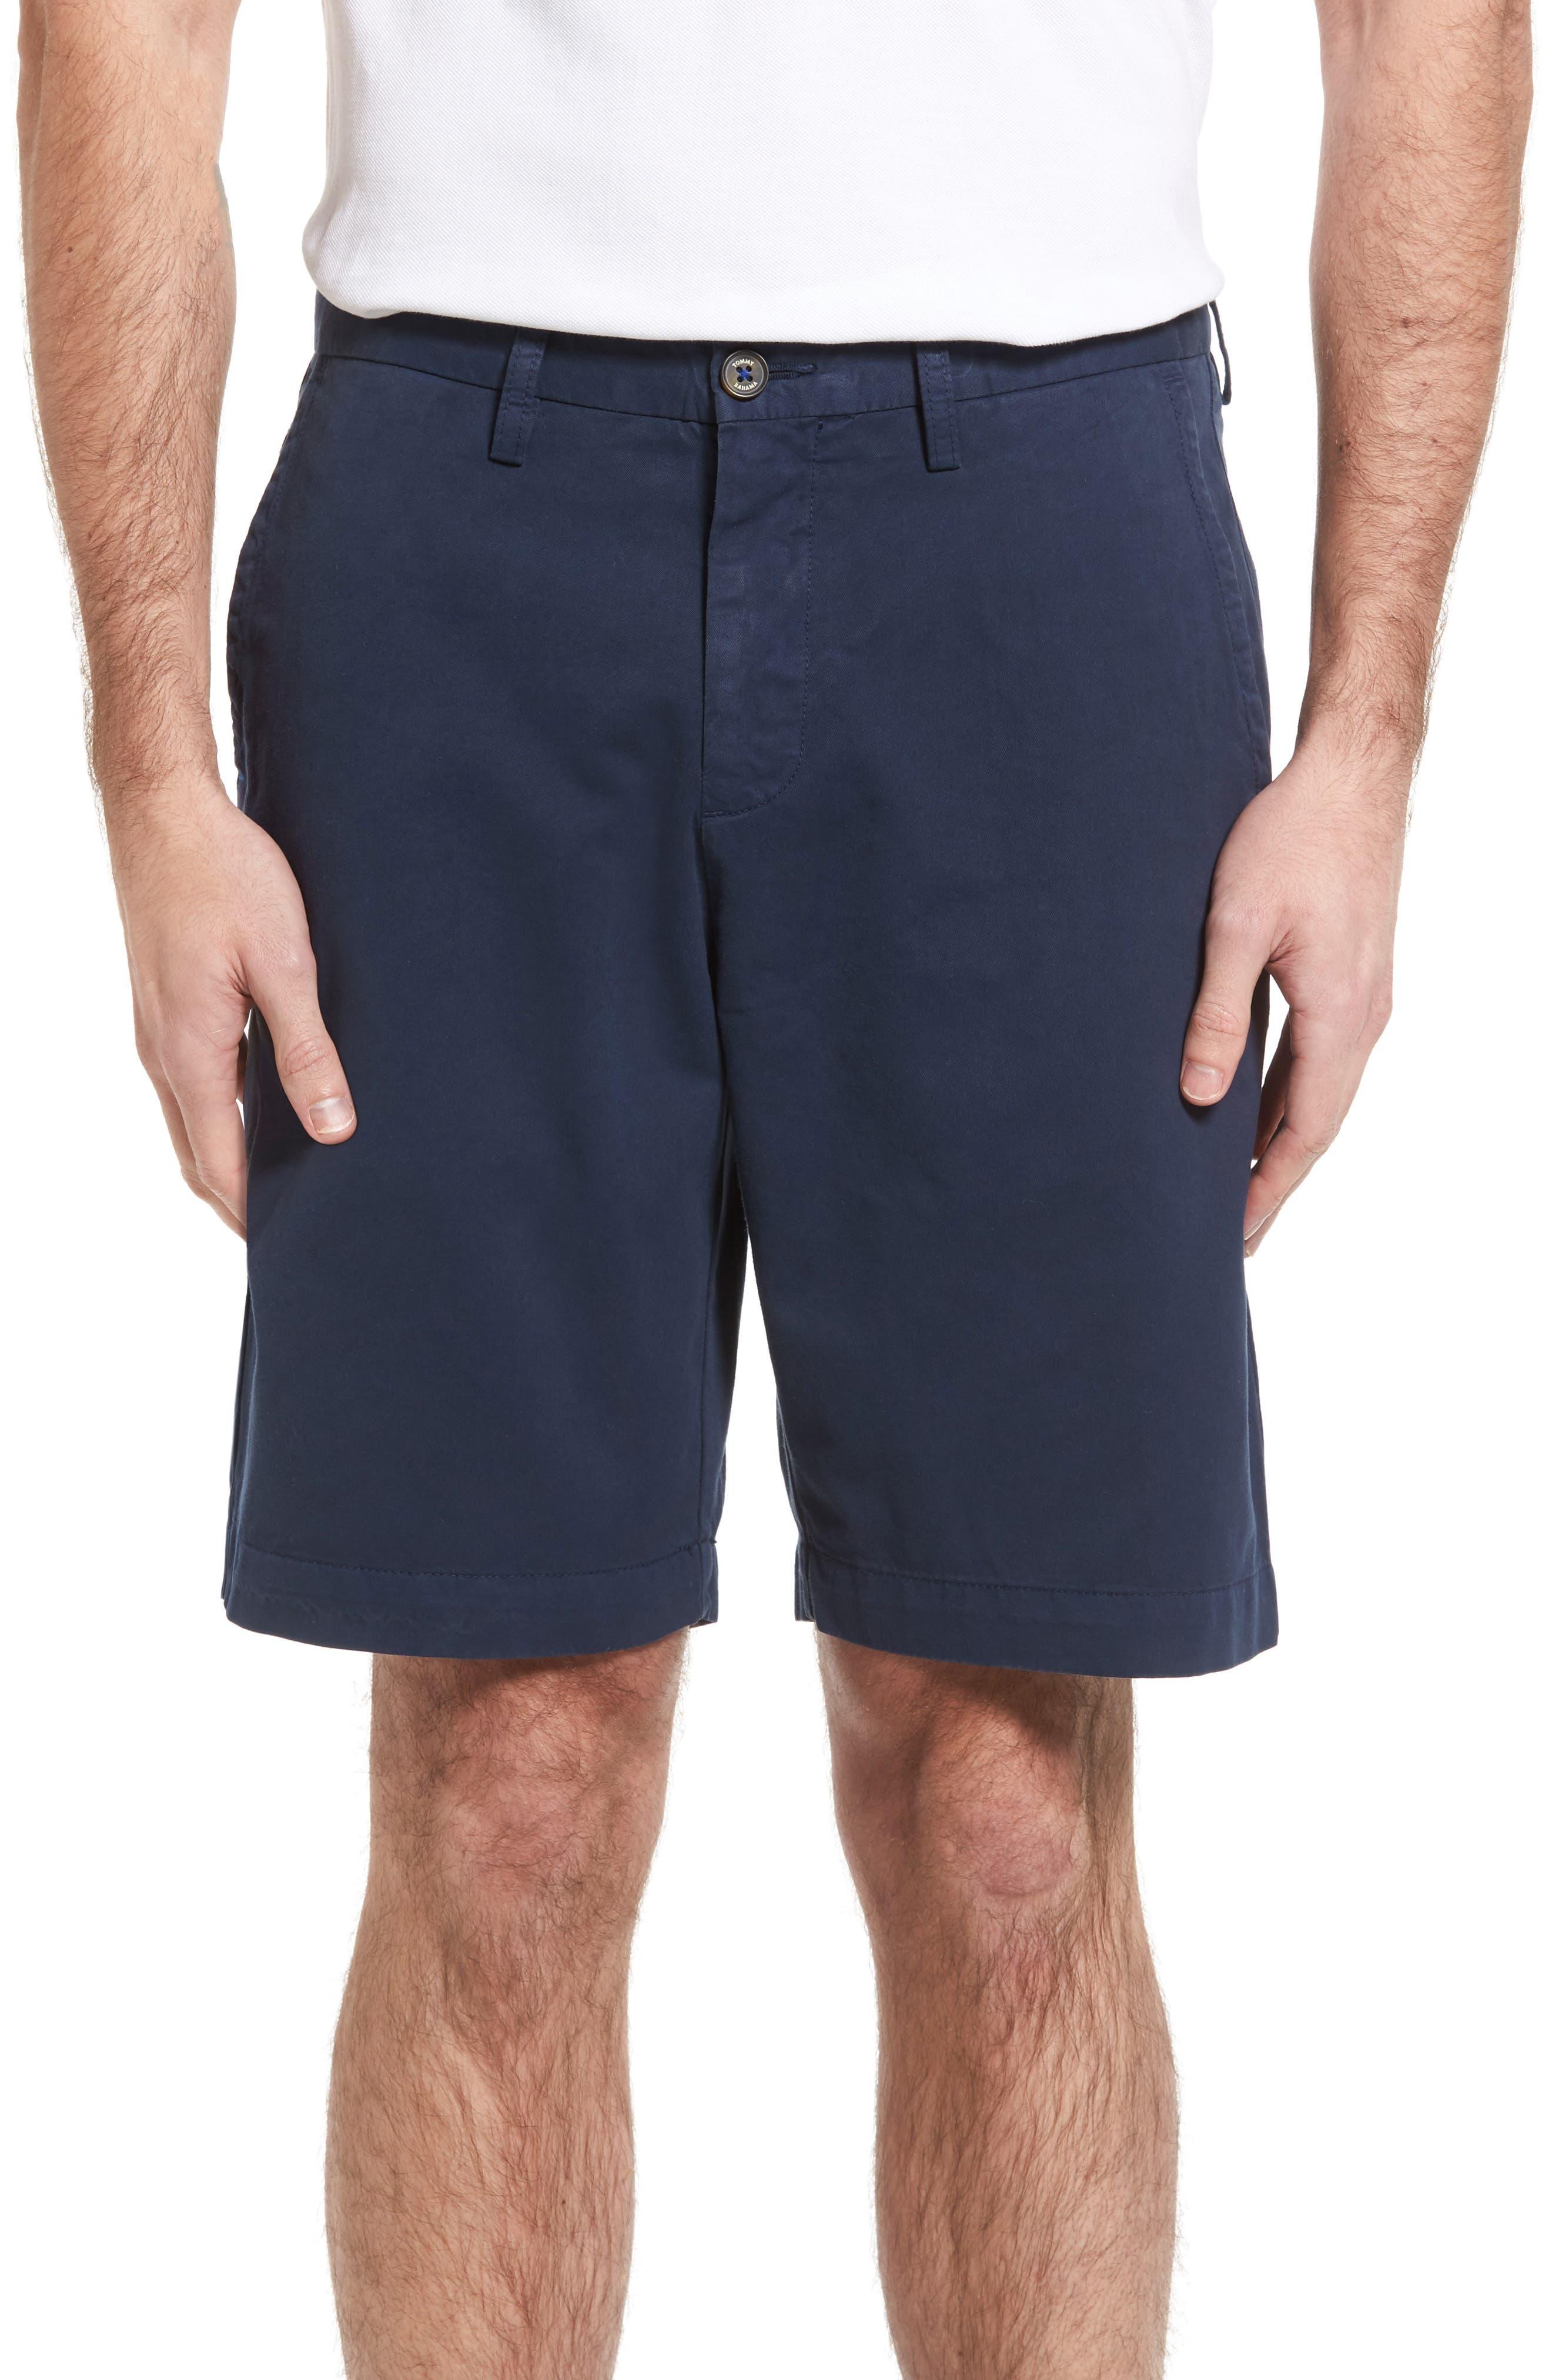 Tommy Bahama Island Chino Shorts